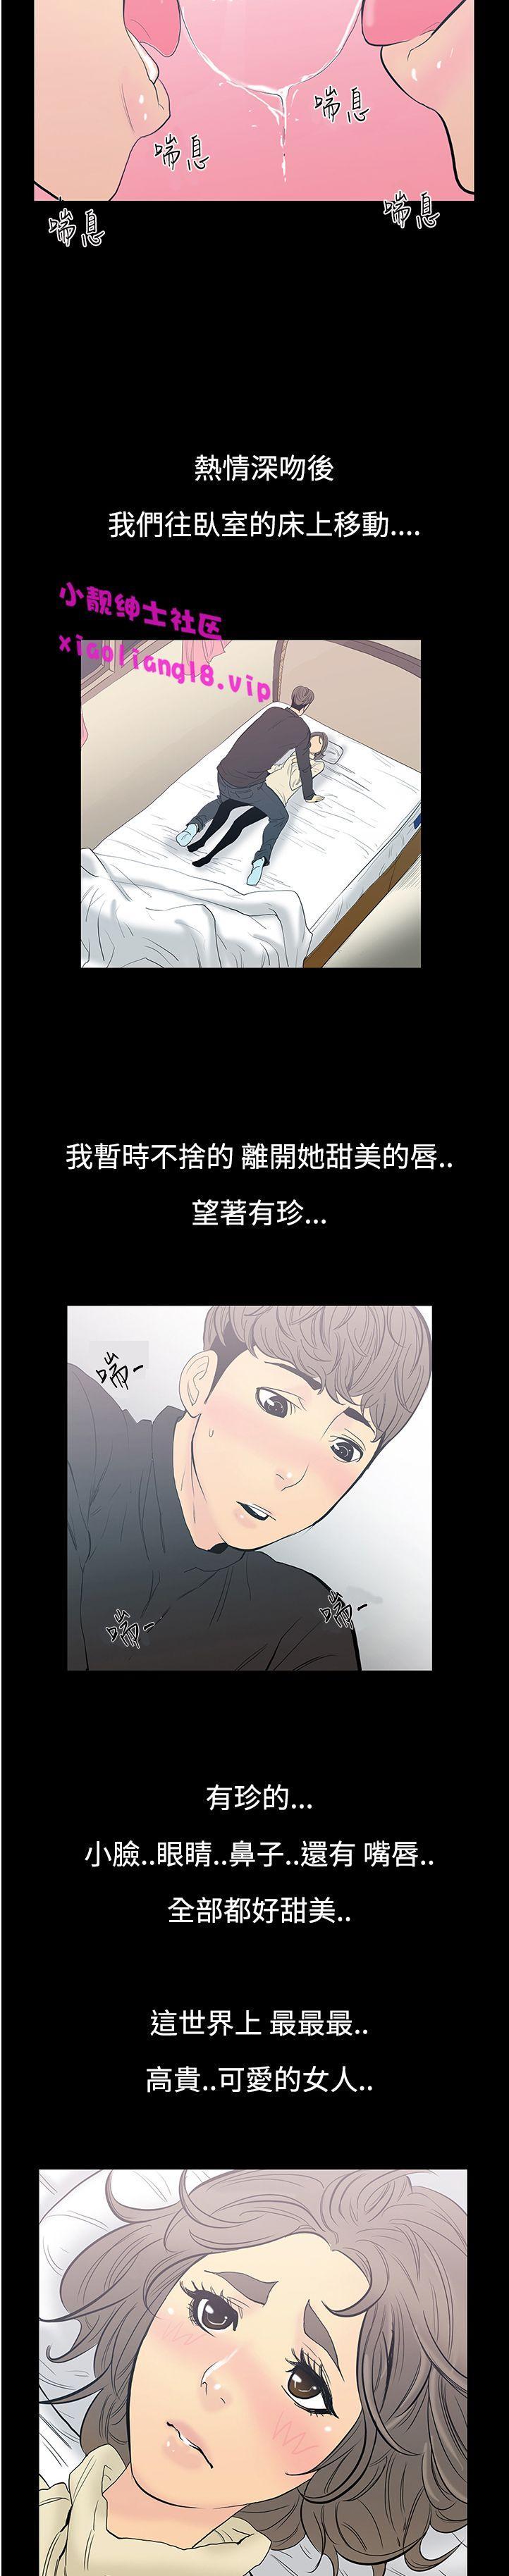 中文韩漫 無法停止的甜蜜關係 Ch.0-12 93